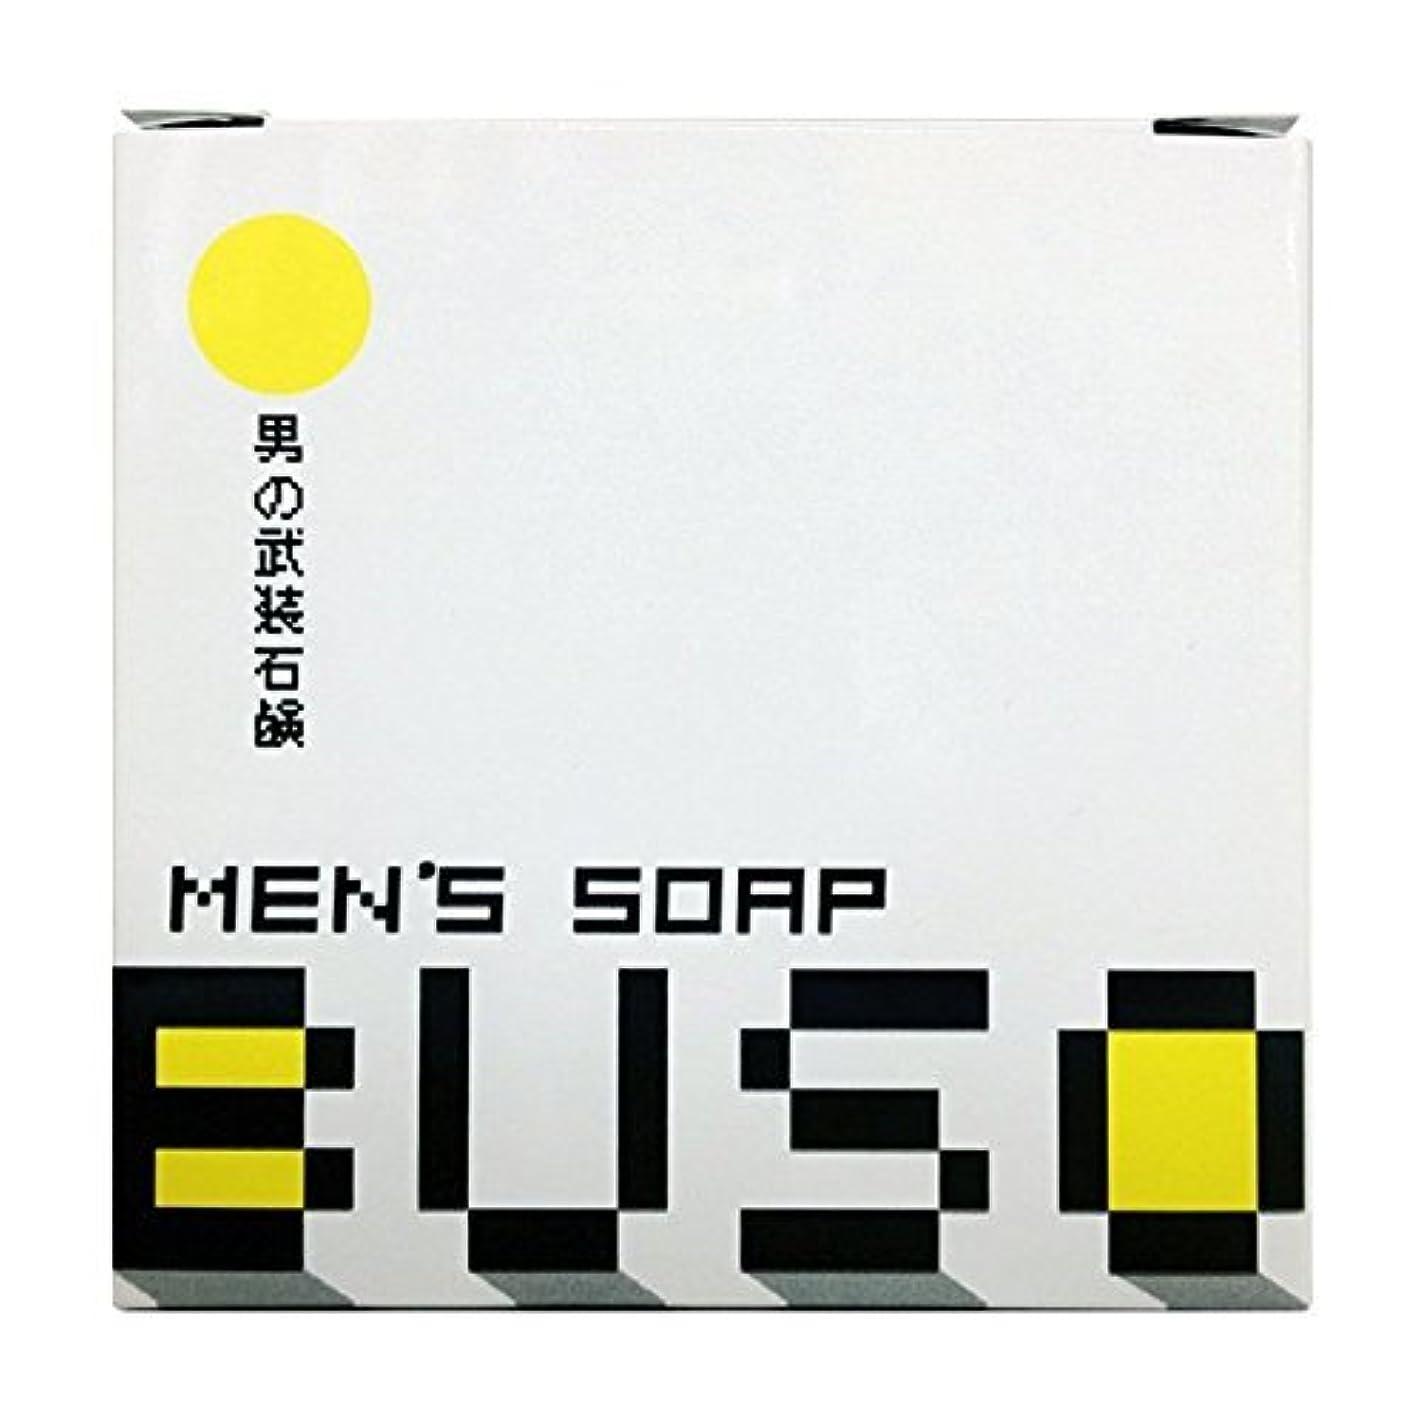 戸棚破滅的な断線男性美容石鹸 BUSO 武装 メンズソープ 1個 (泡立てネット付き)